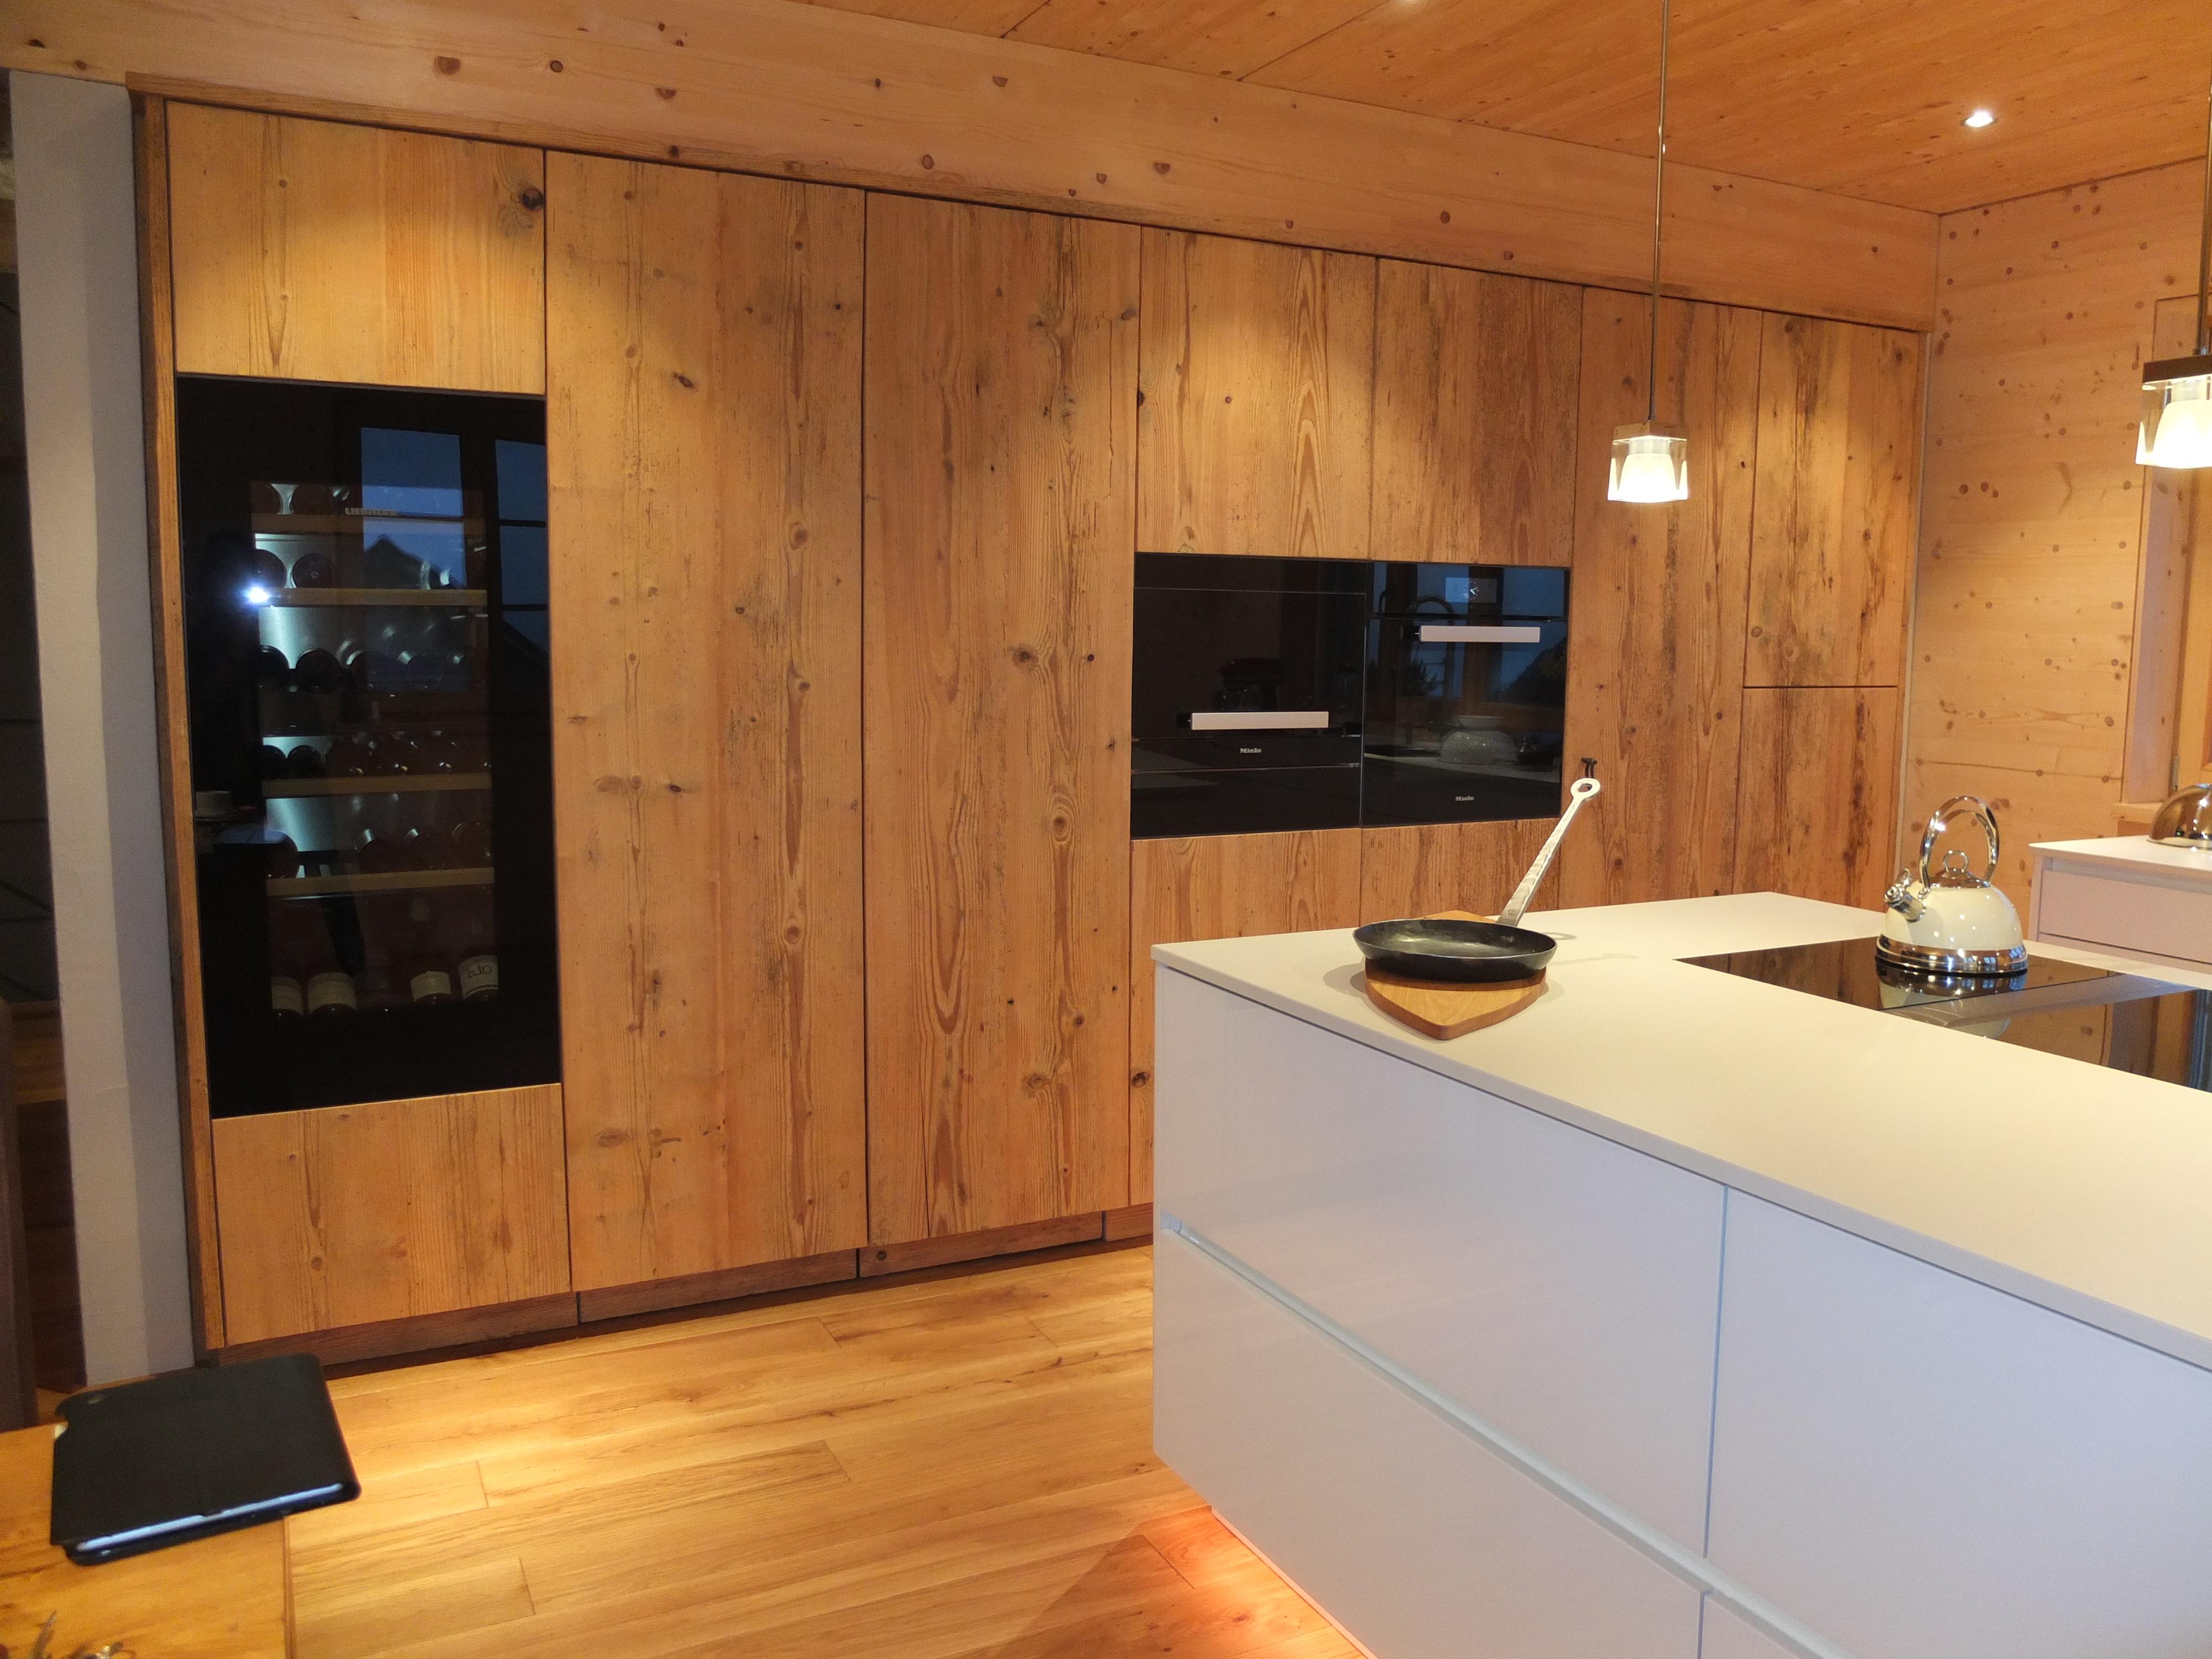 Küche - Schreinerei Ebi die Holzwerkstatt